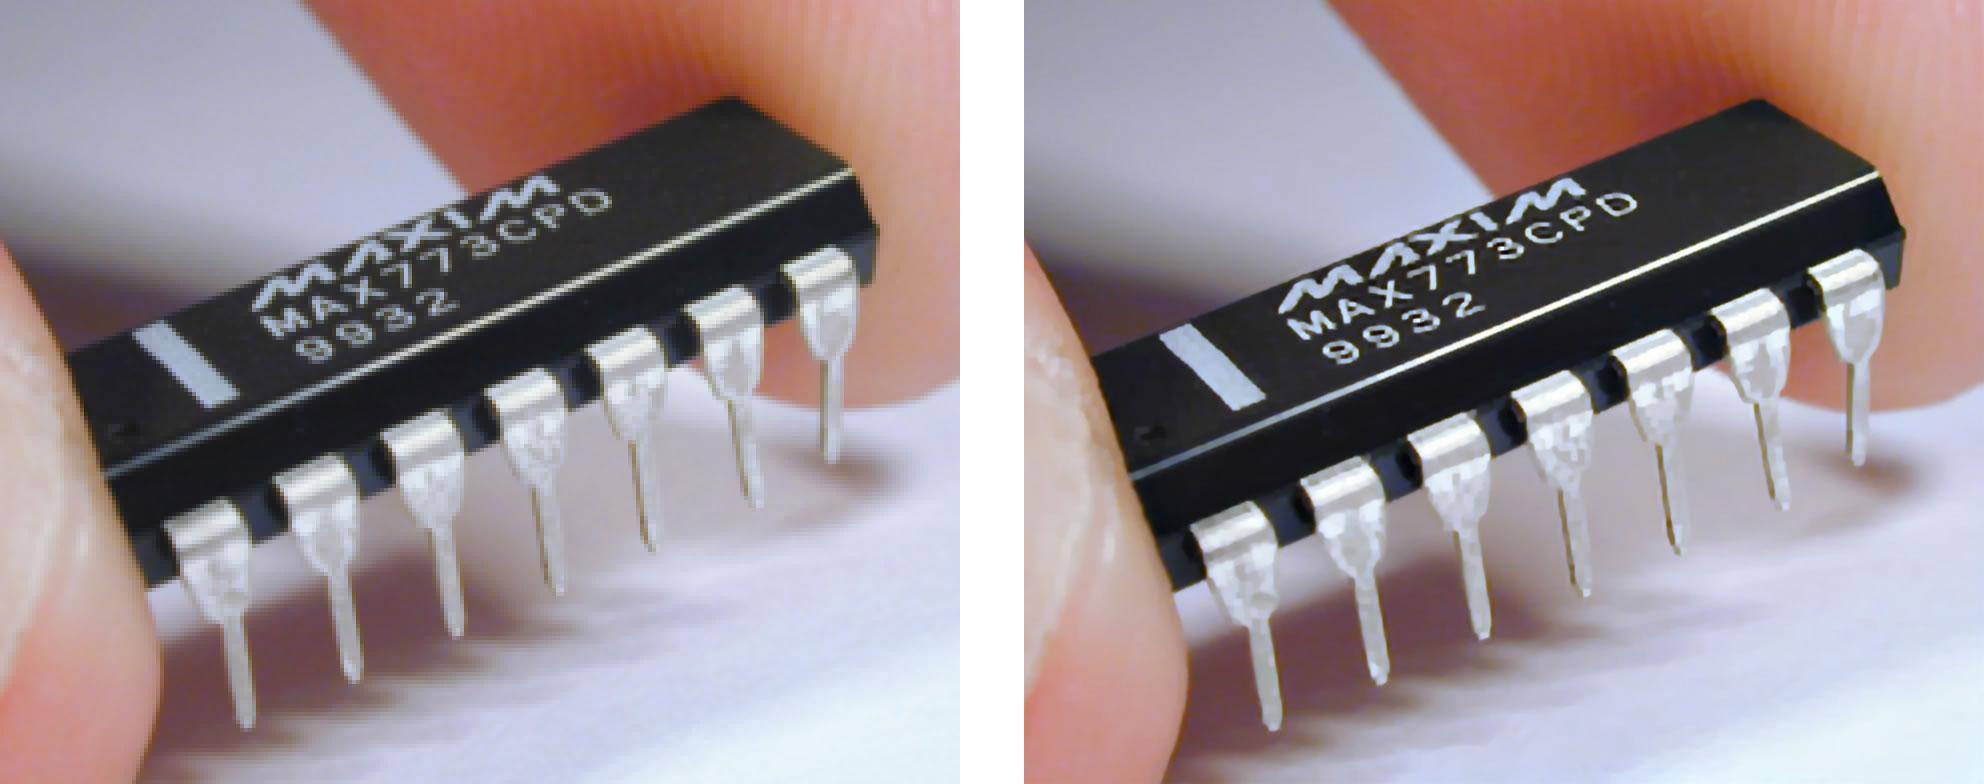 標清轉換高清技術。左圖為原本的圖片,質素差劣;右圖為中大提升其解像度後的效果